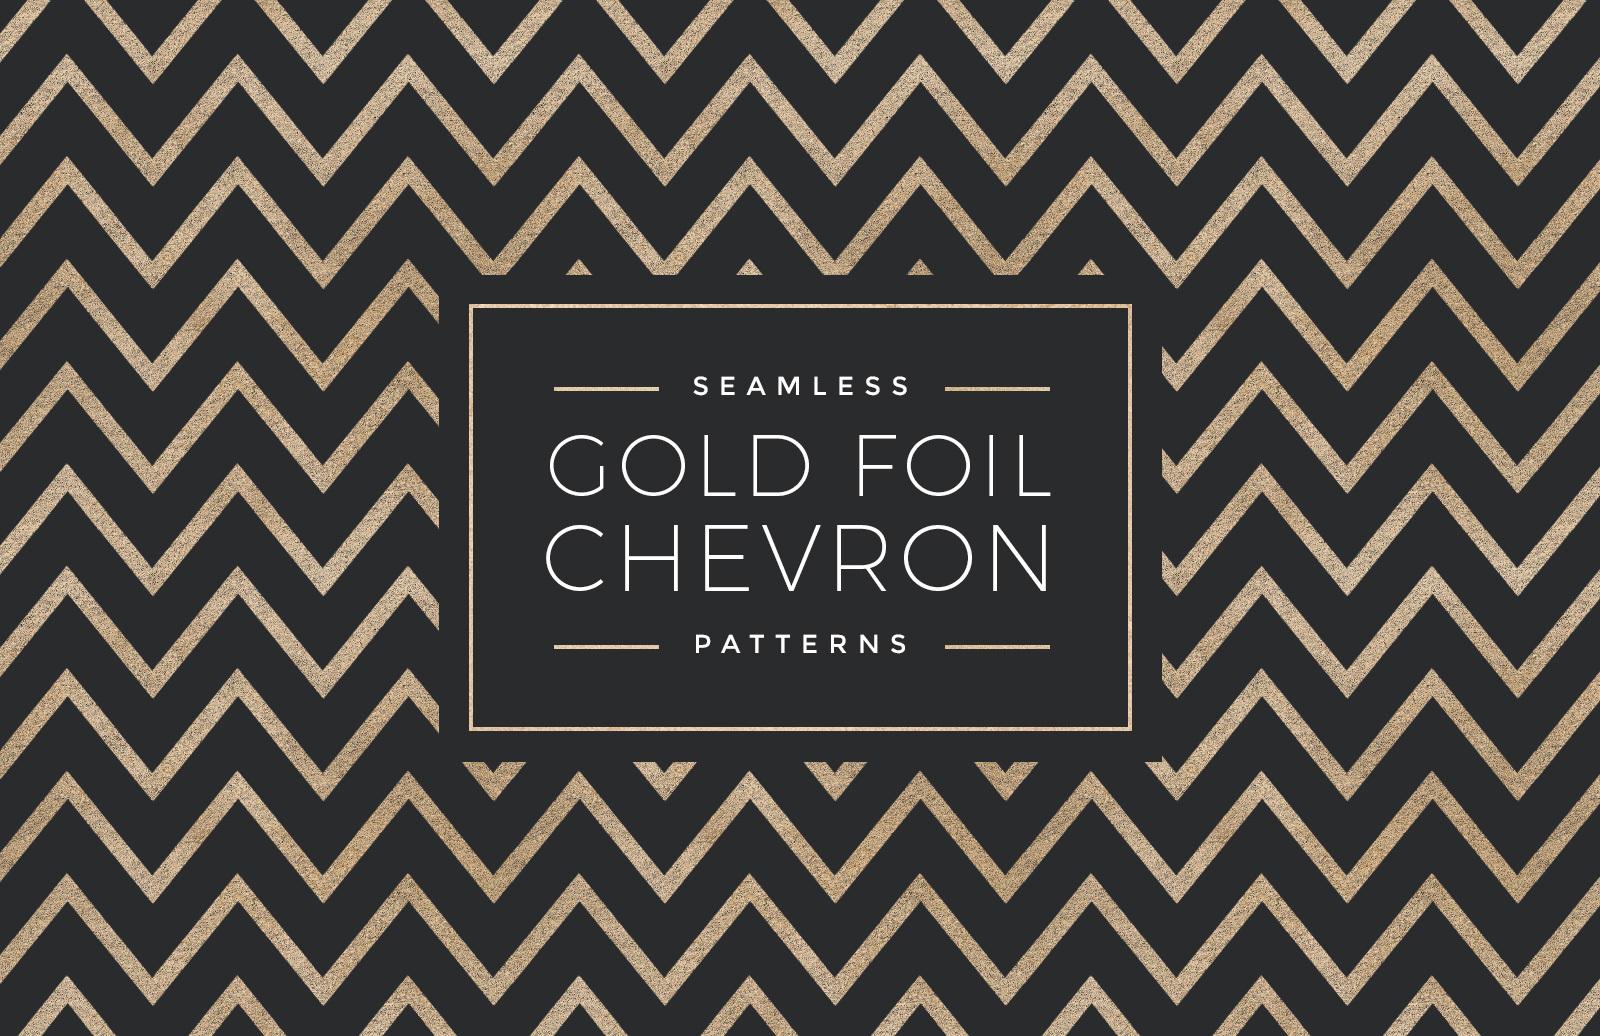 Seamless Gold Foil Chevron Patterns